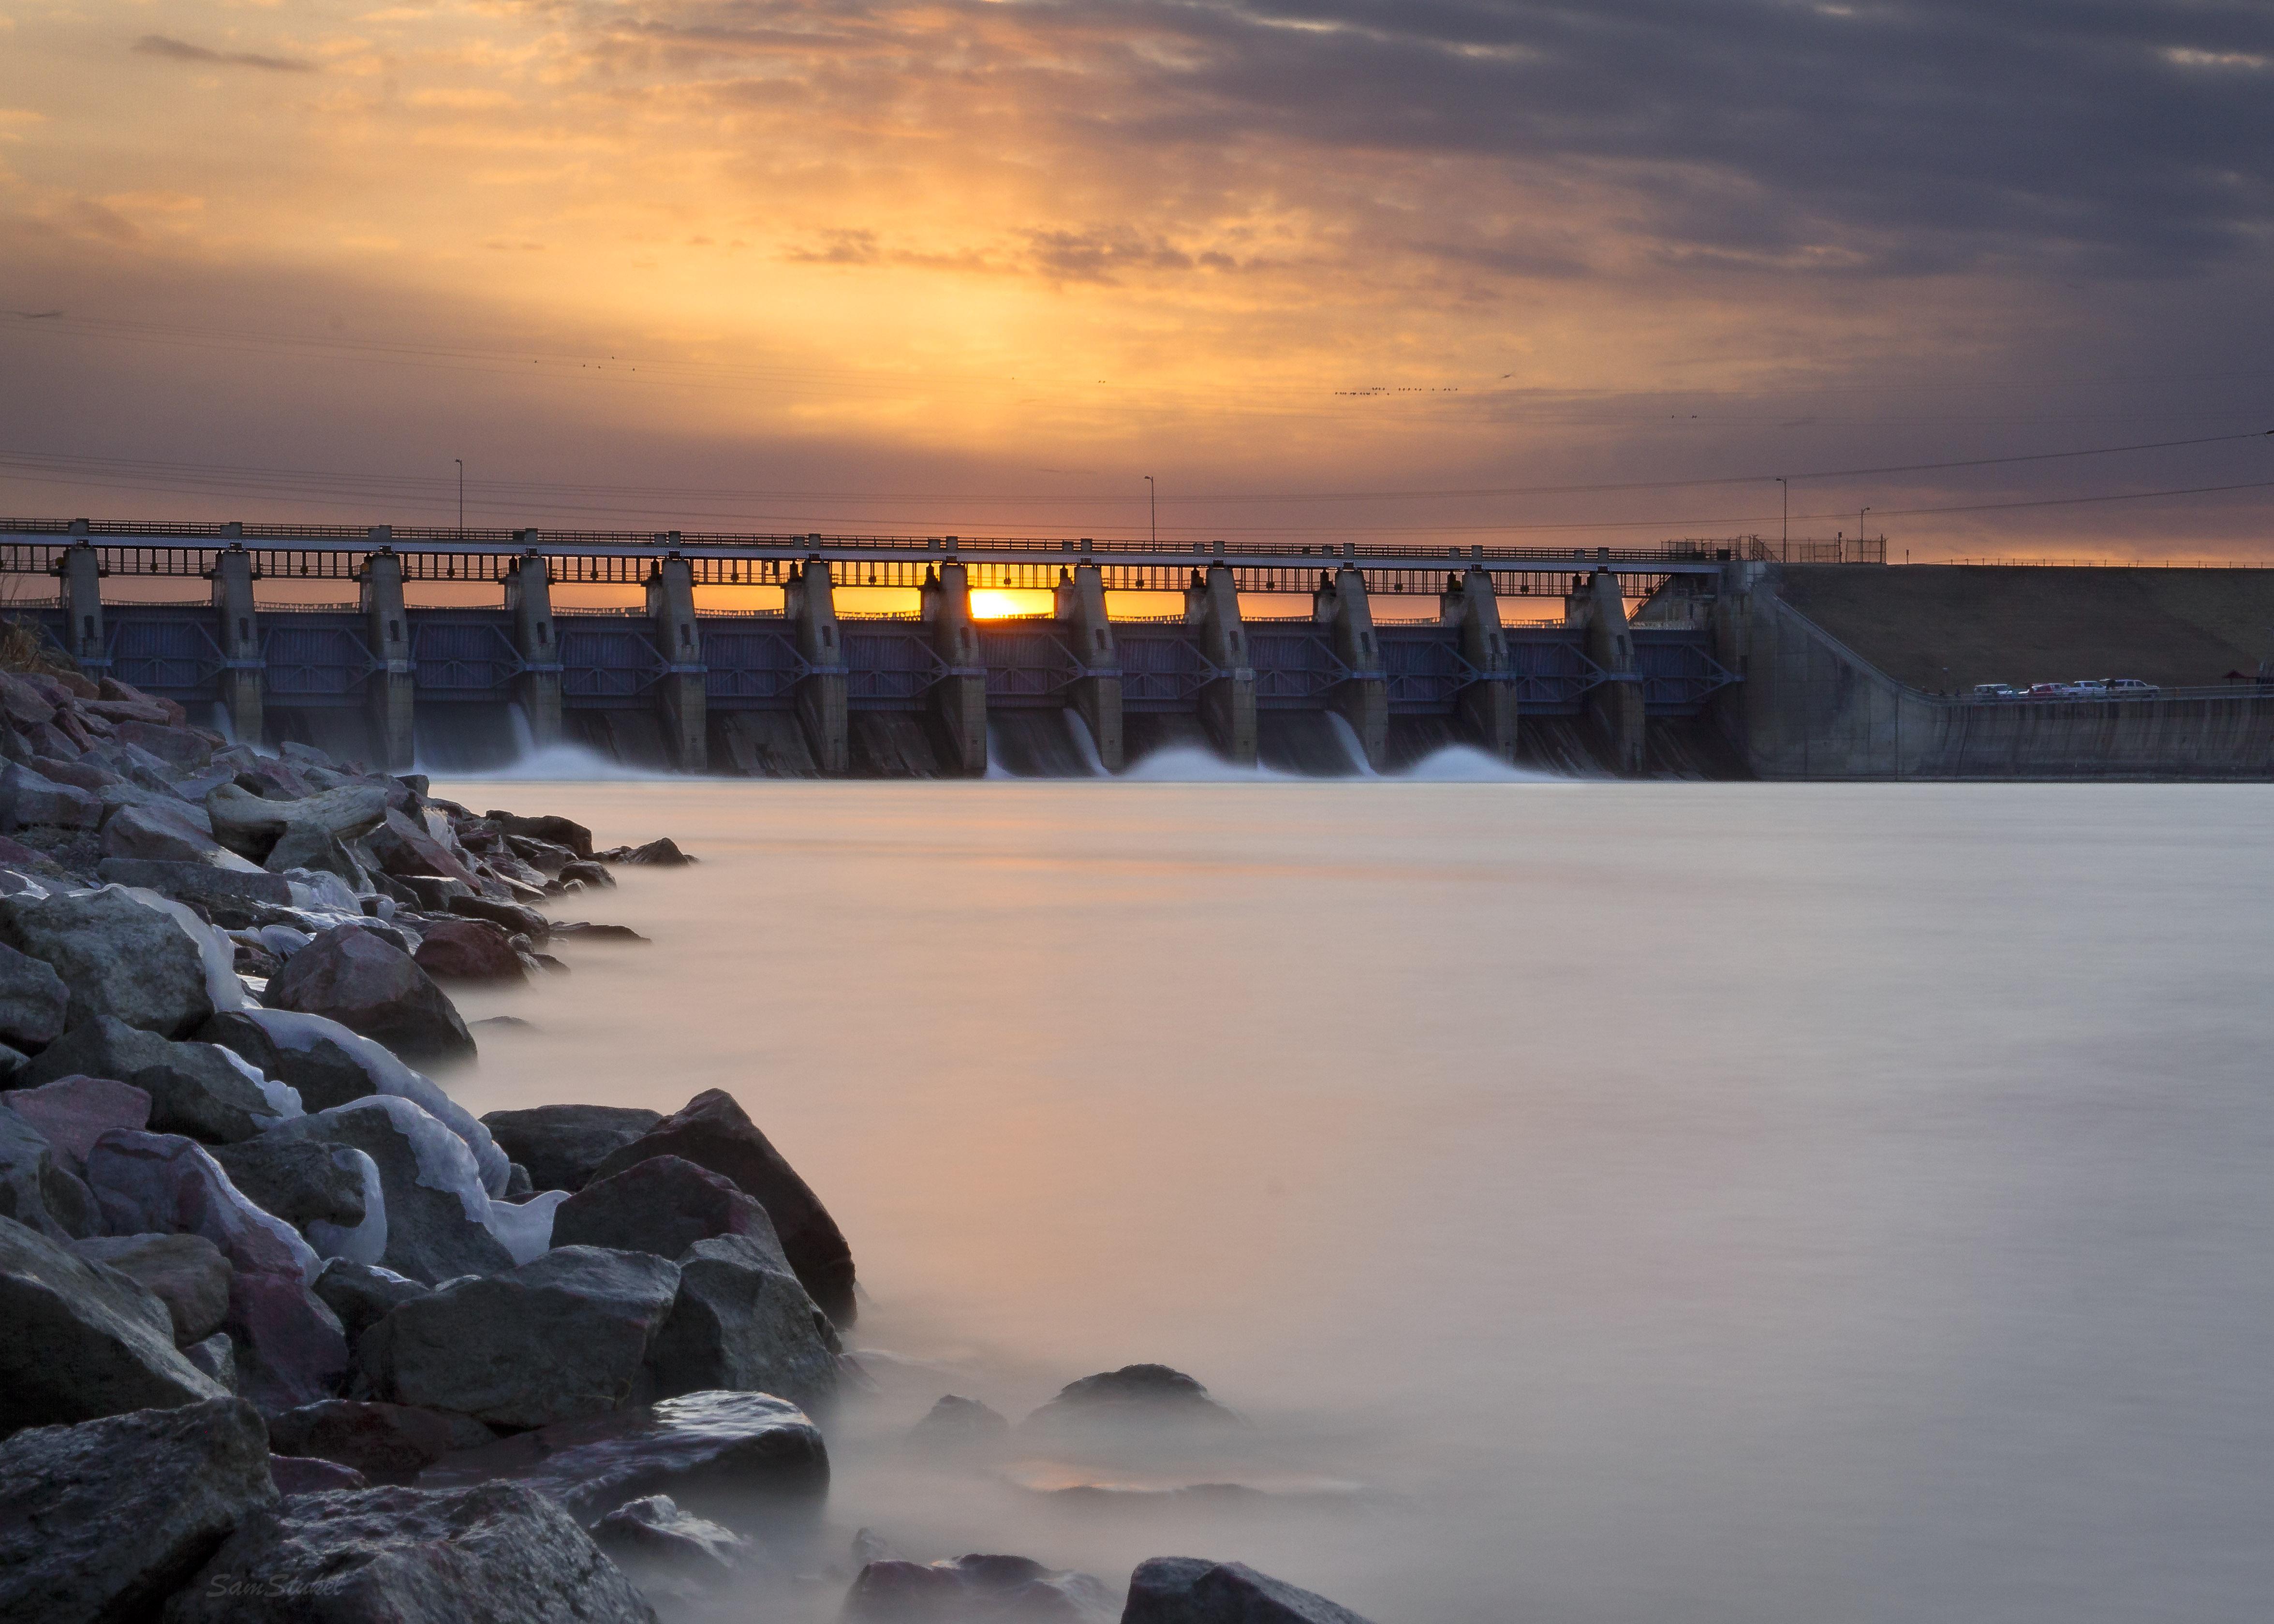 Gavins Point Dam evening